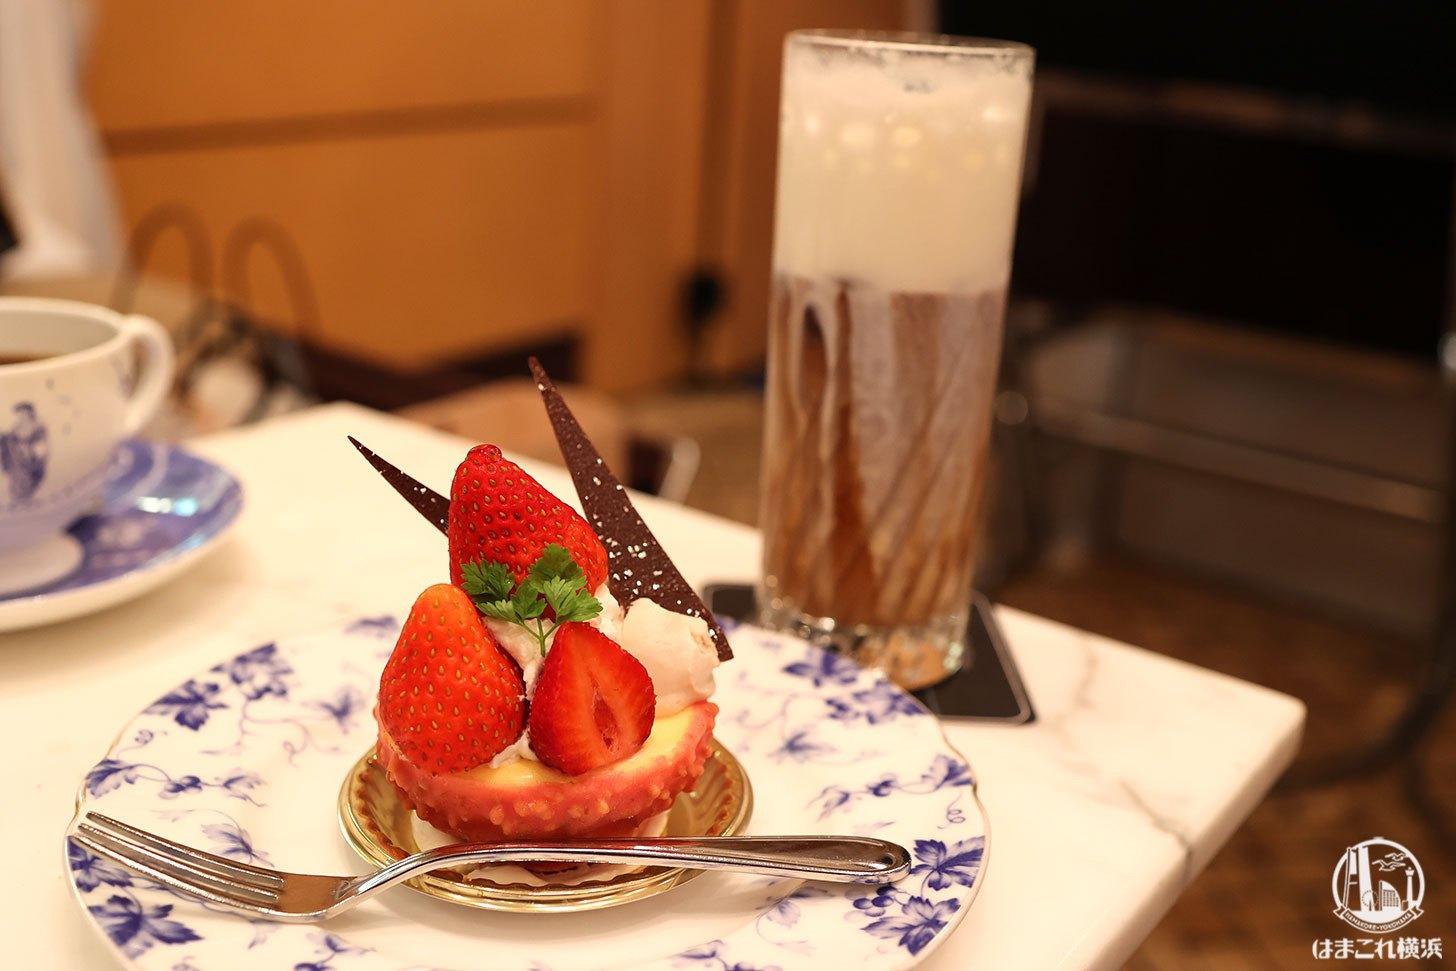 コーヒーバー ブルーマウンテンで本格コーヒー味わう!そごう横浜店・大人の寛ぎカフェ